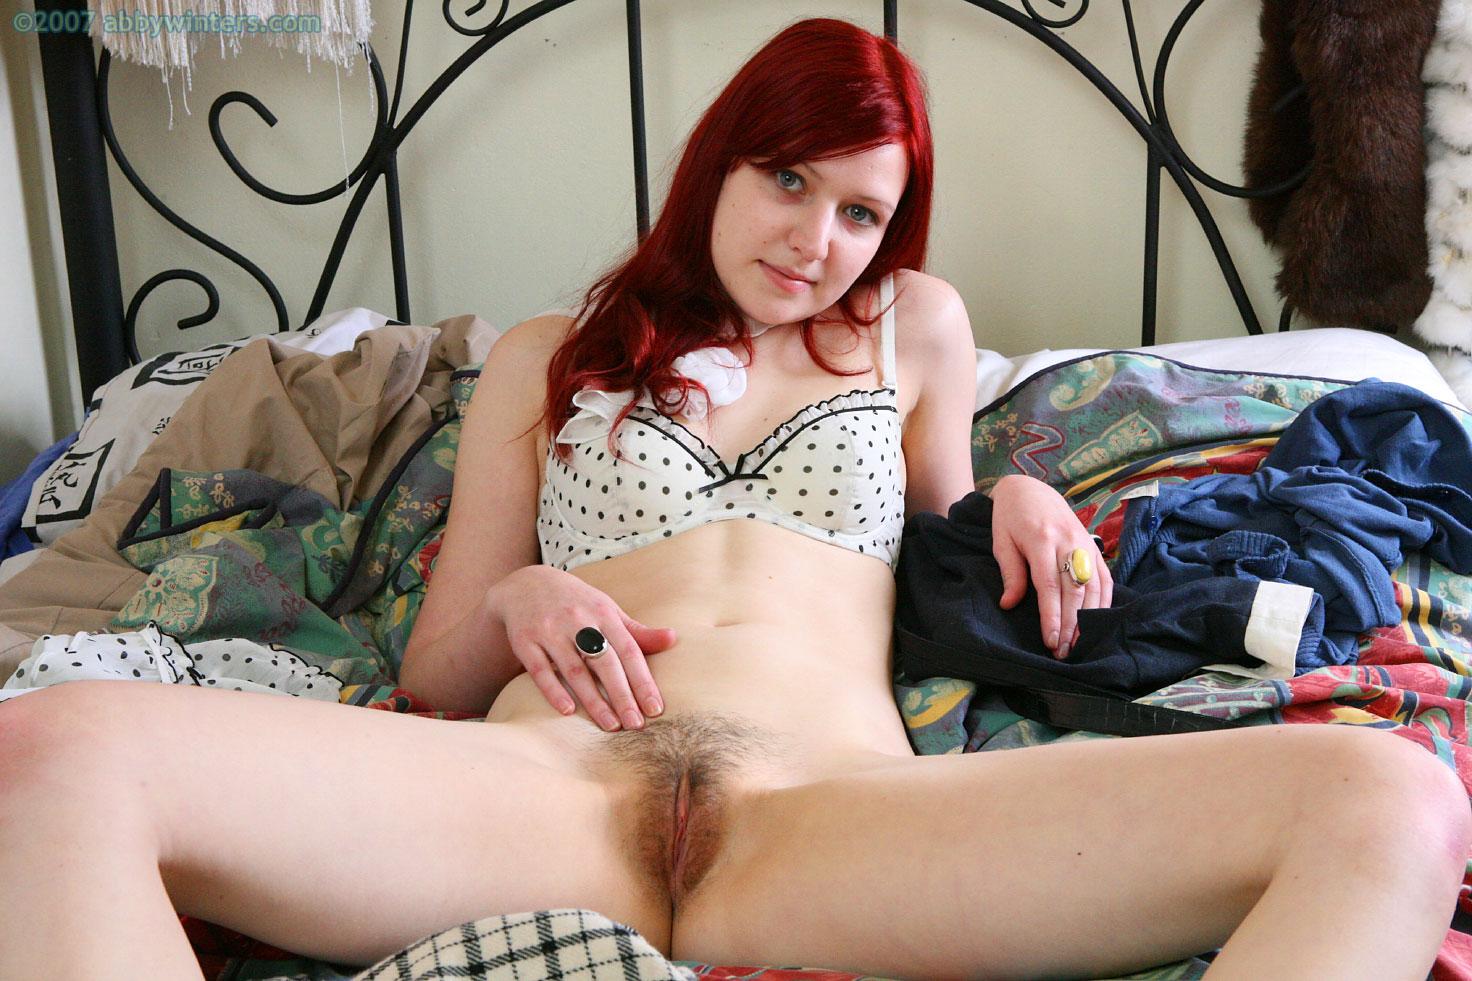 Zdjęcie porno - 1014 - Różowe sterczące sutki